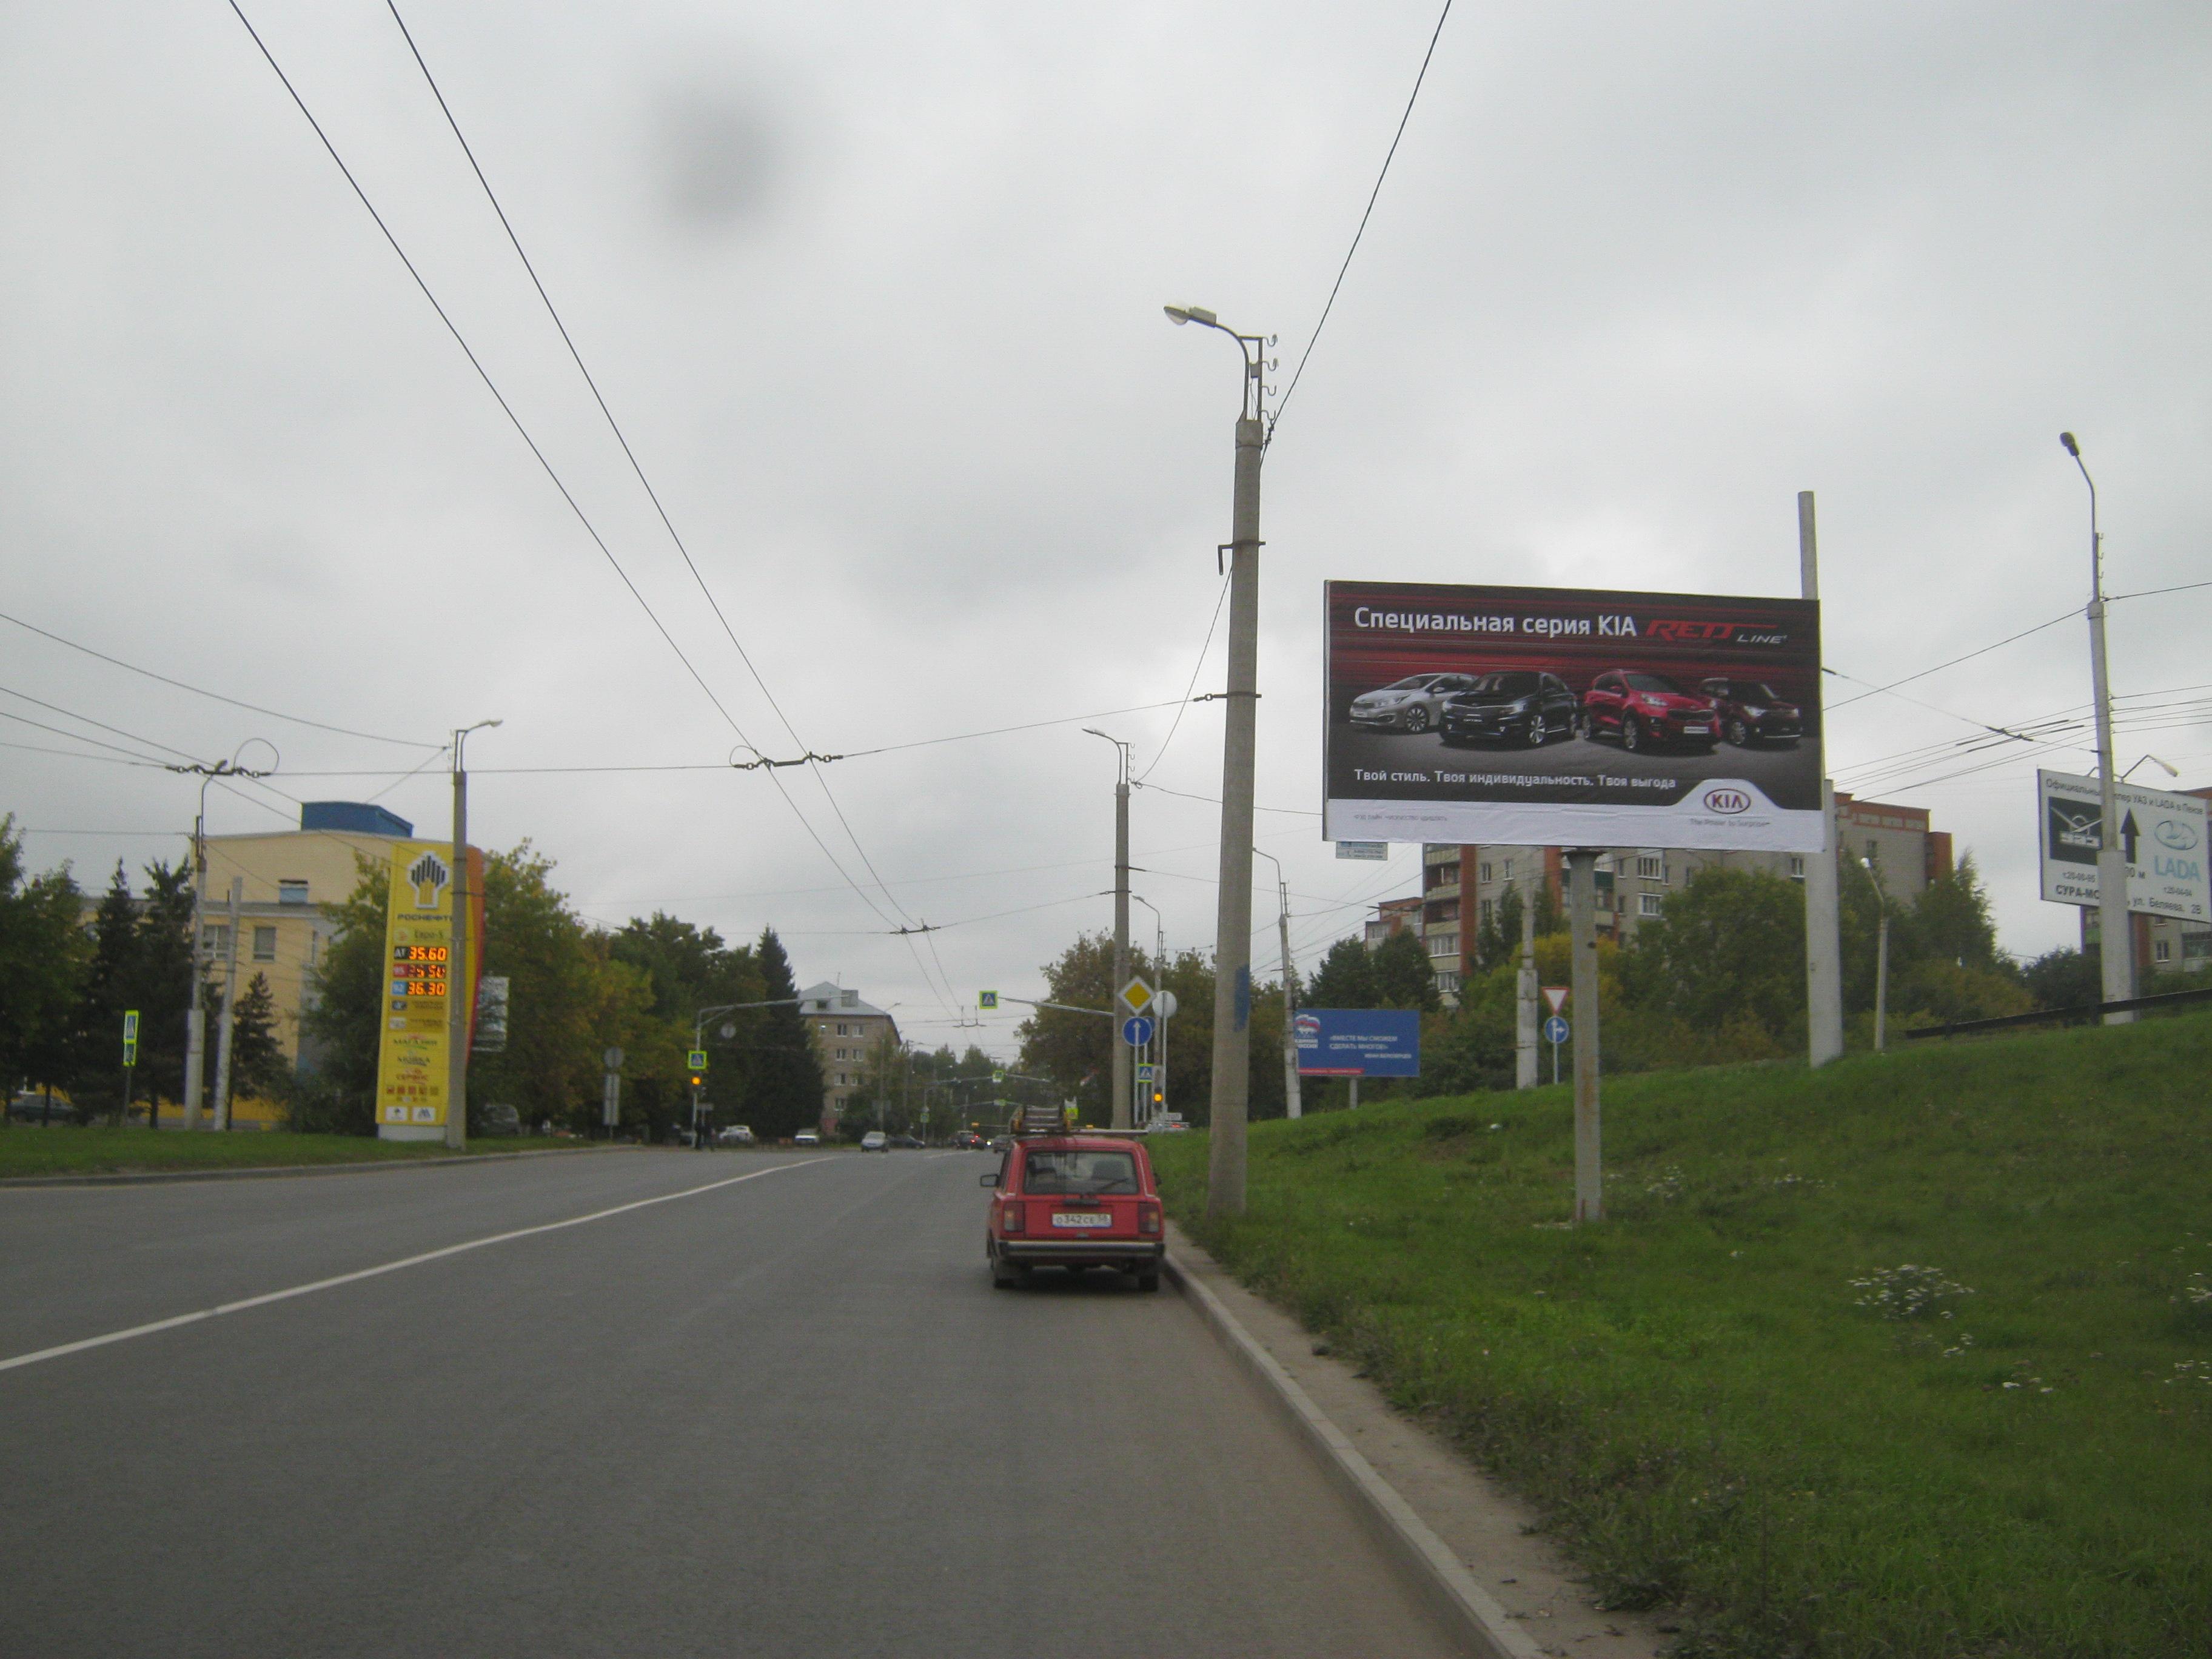 ул. Беляева, съезд с путепровода (район д. 47 по ул.Беляева)